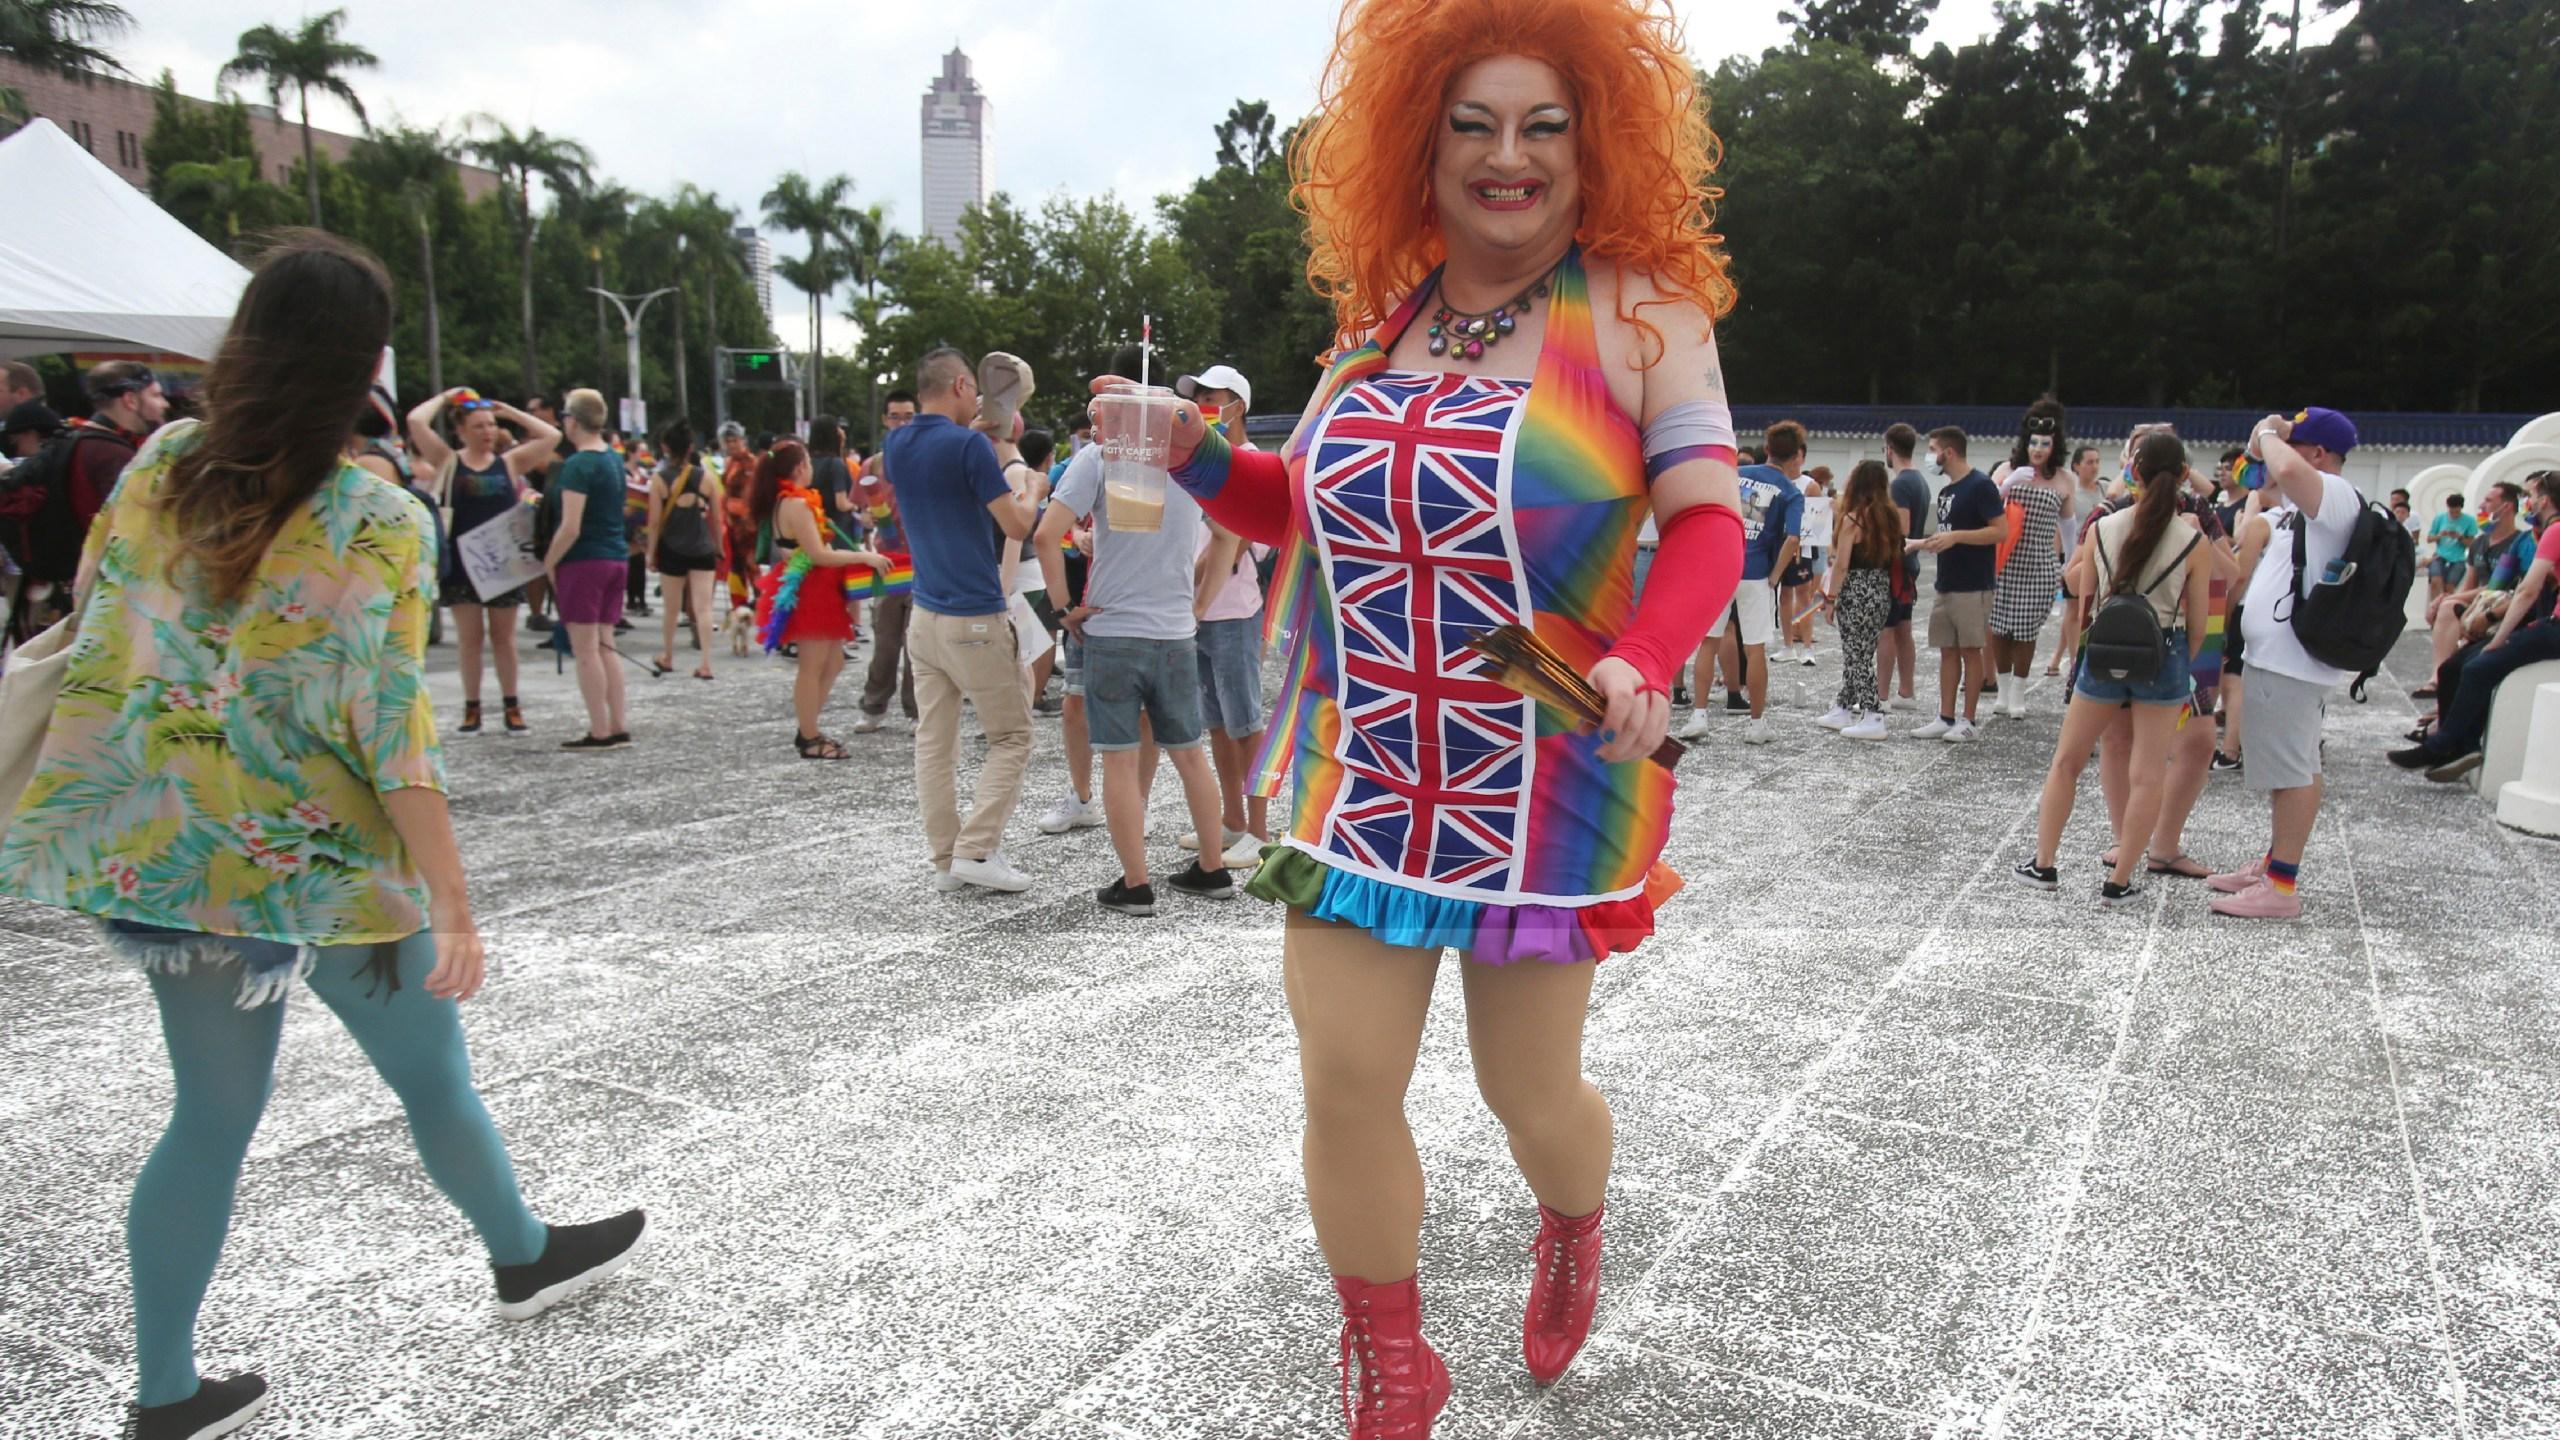 Taiwan holds LGBT pride parade despite coronavirus – WWLP